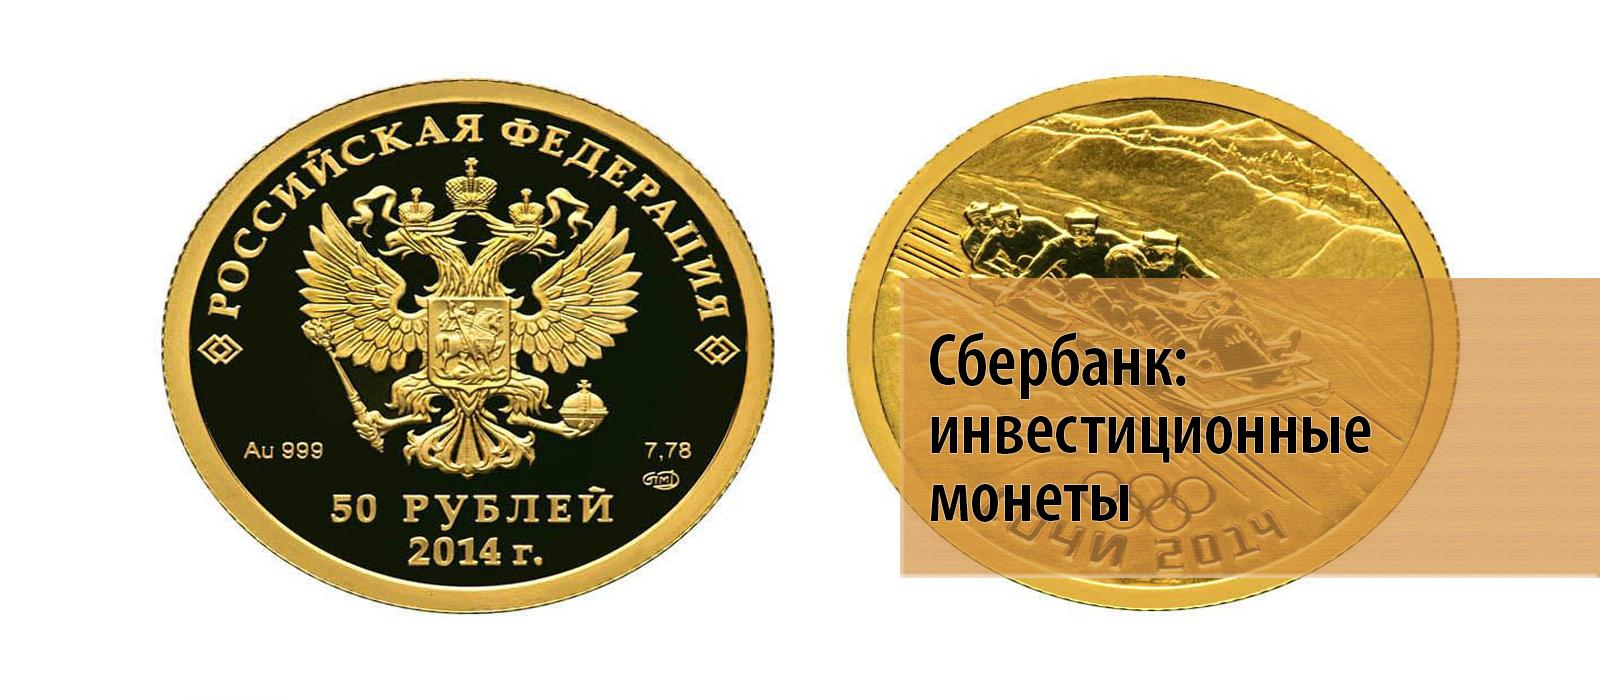 Сбербанк альбомы для монет продам копии царских монет